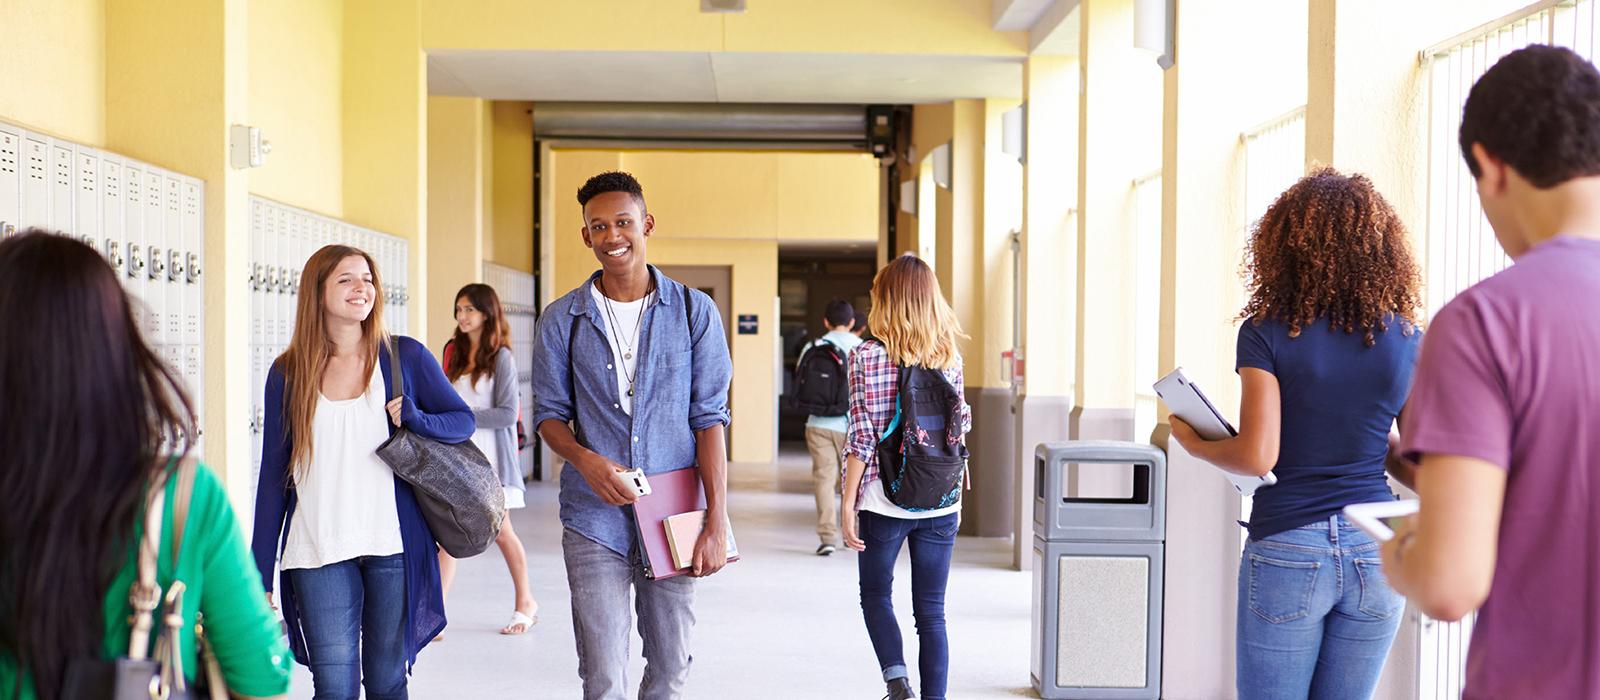 School Bell Class Change Technology